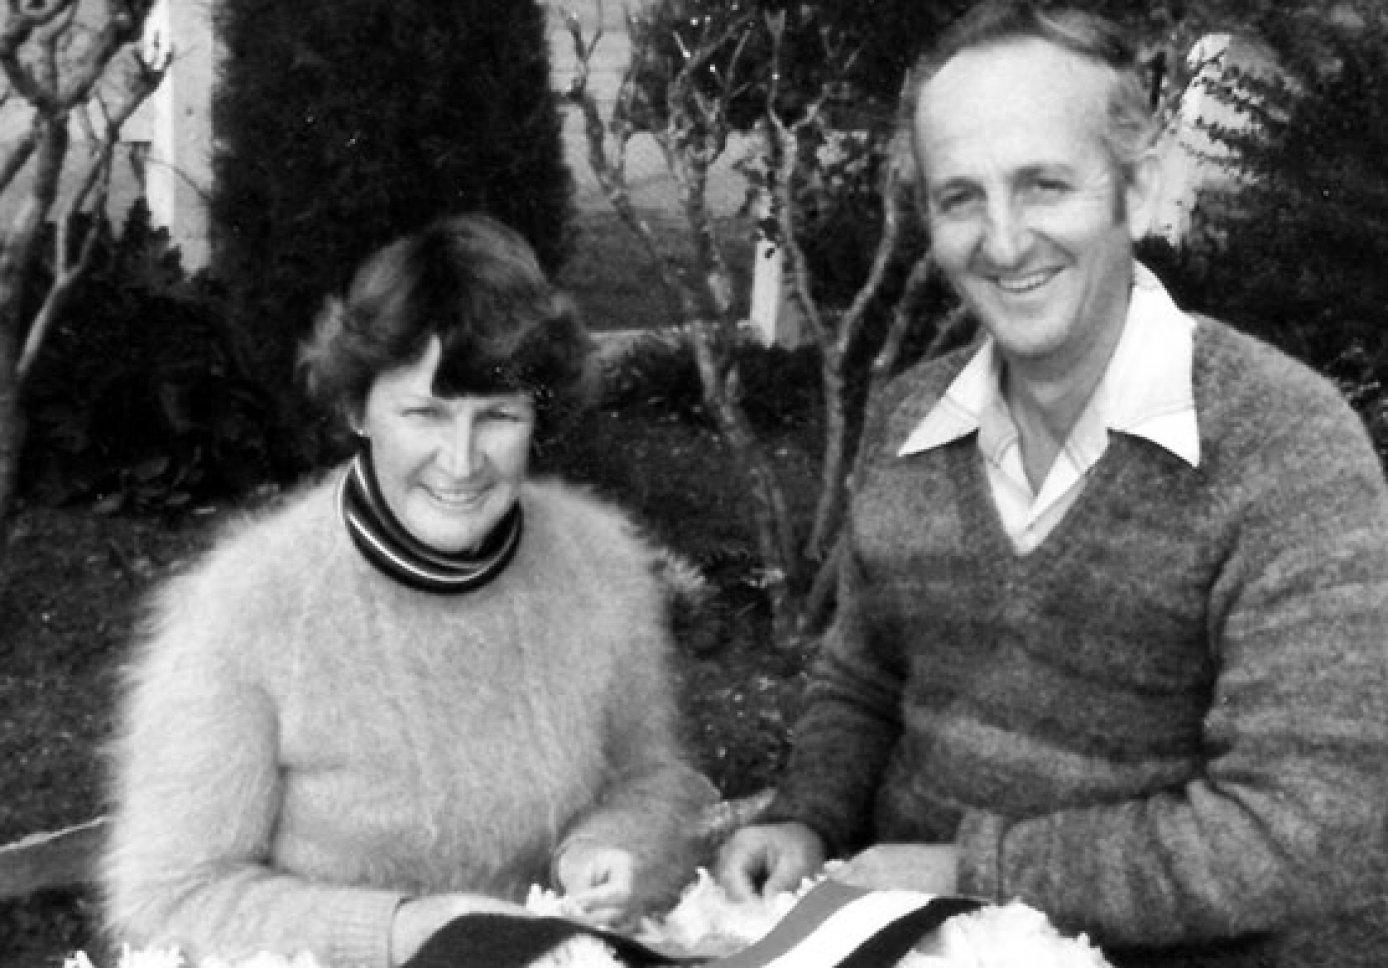 Stud founders Neville and Mavis Kopp.